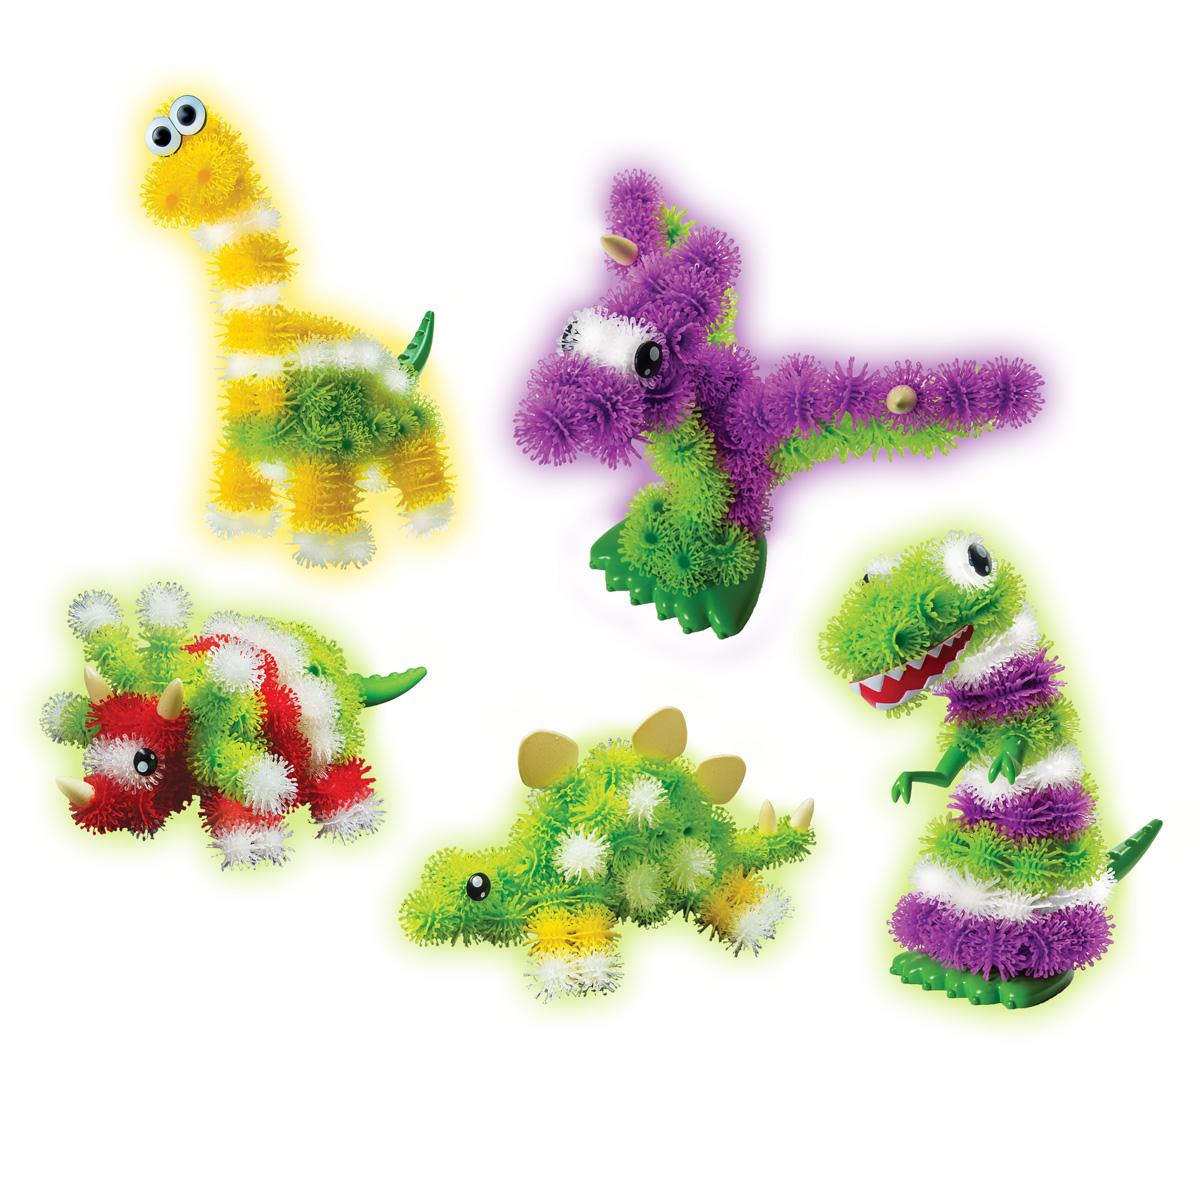 Тематический набор Bunchems  - ДинозаврыКонструктор-липучка Банчемс<br>Тематический набор Bunchems  - Динозавры<br>